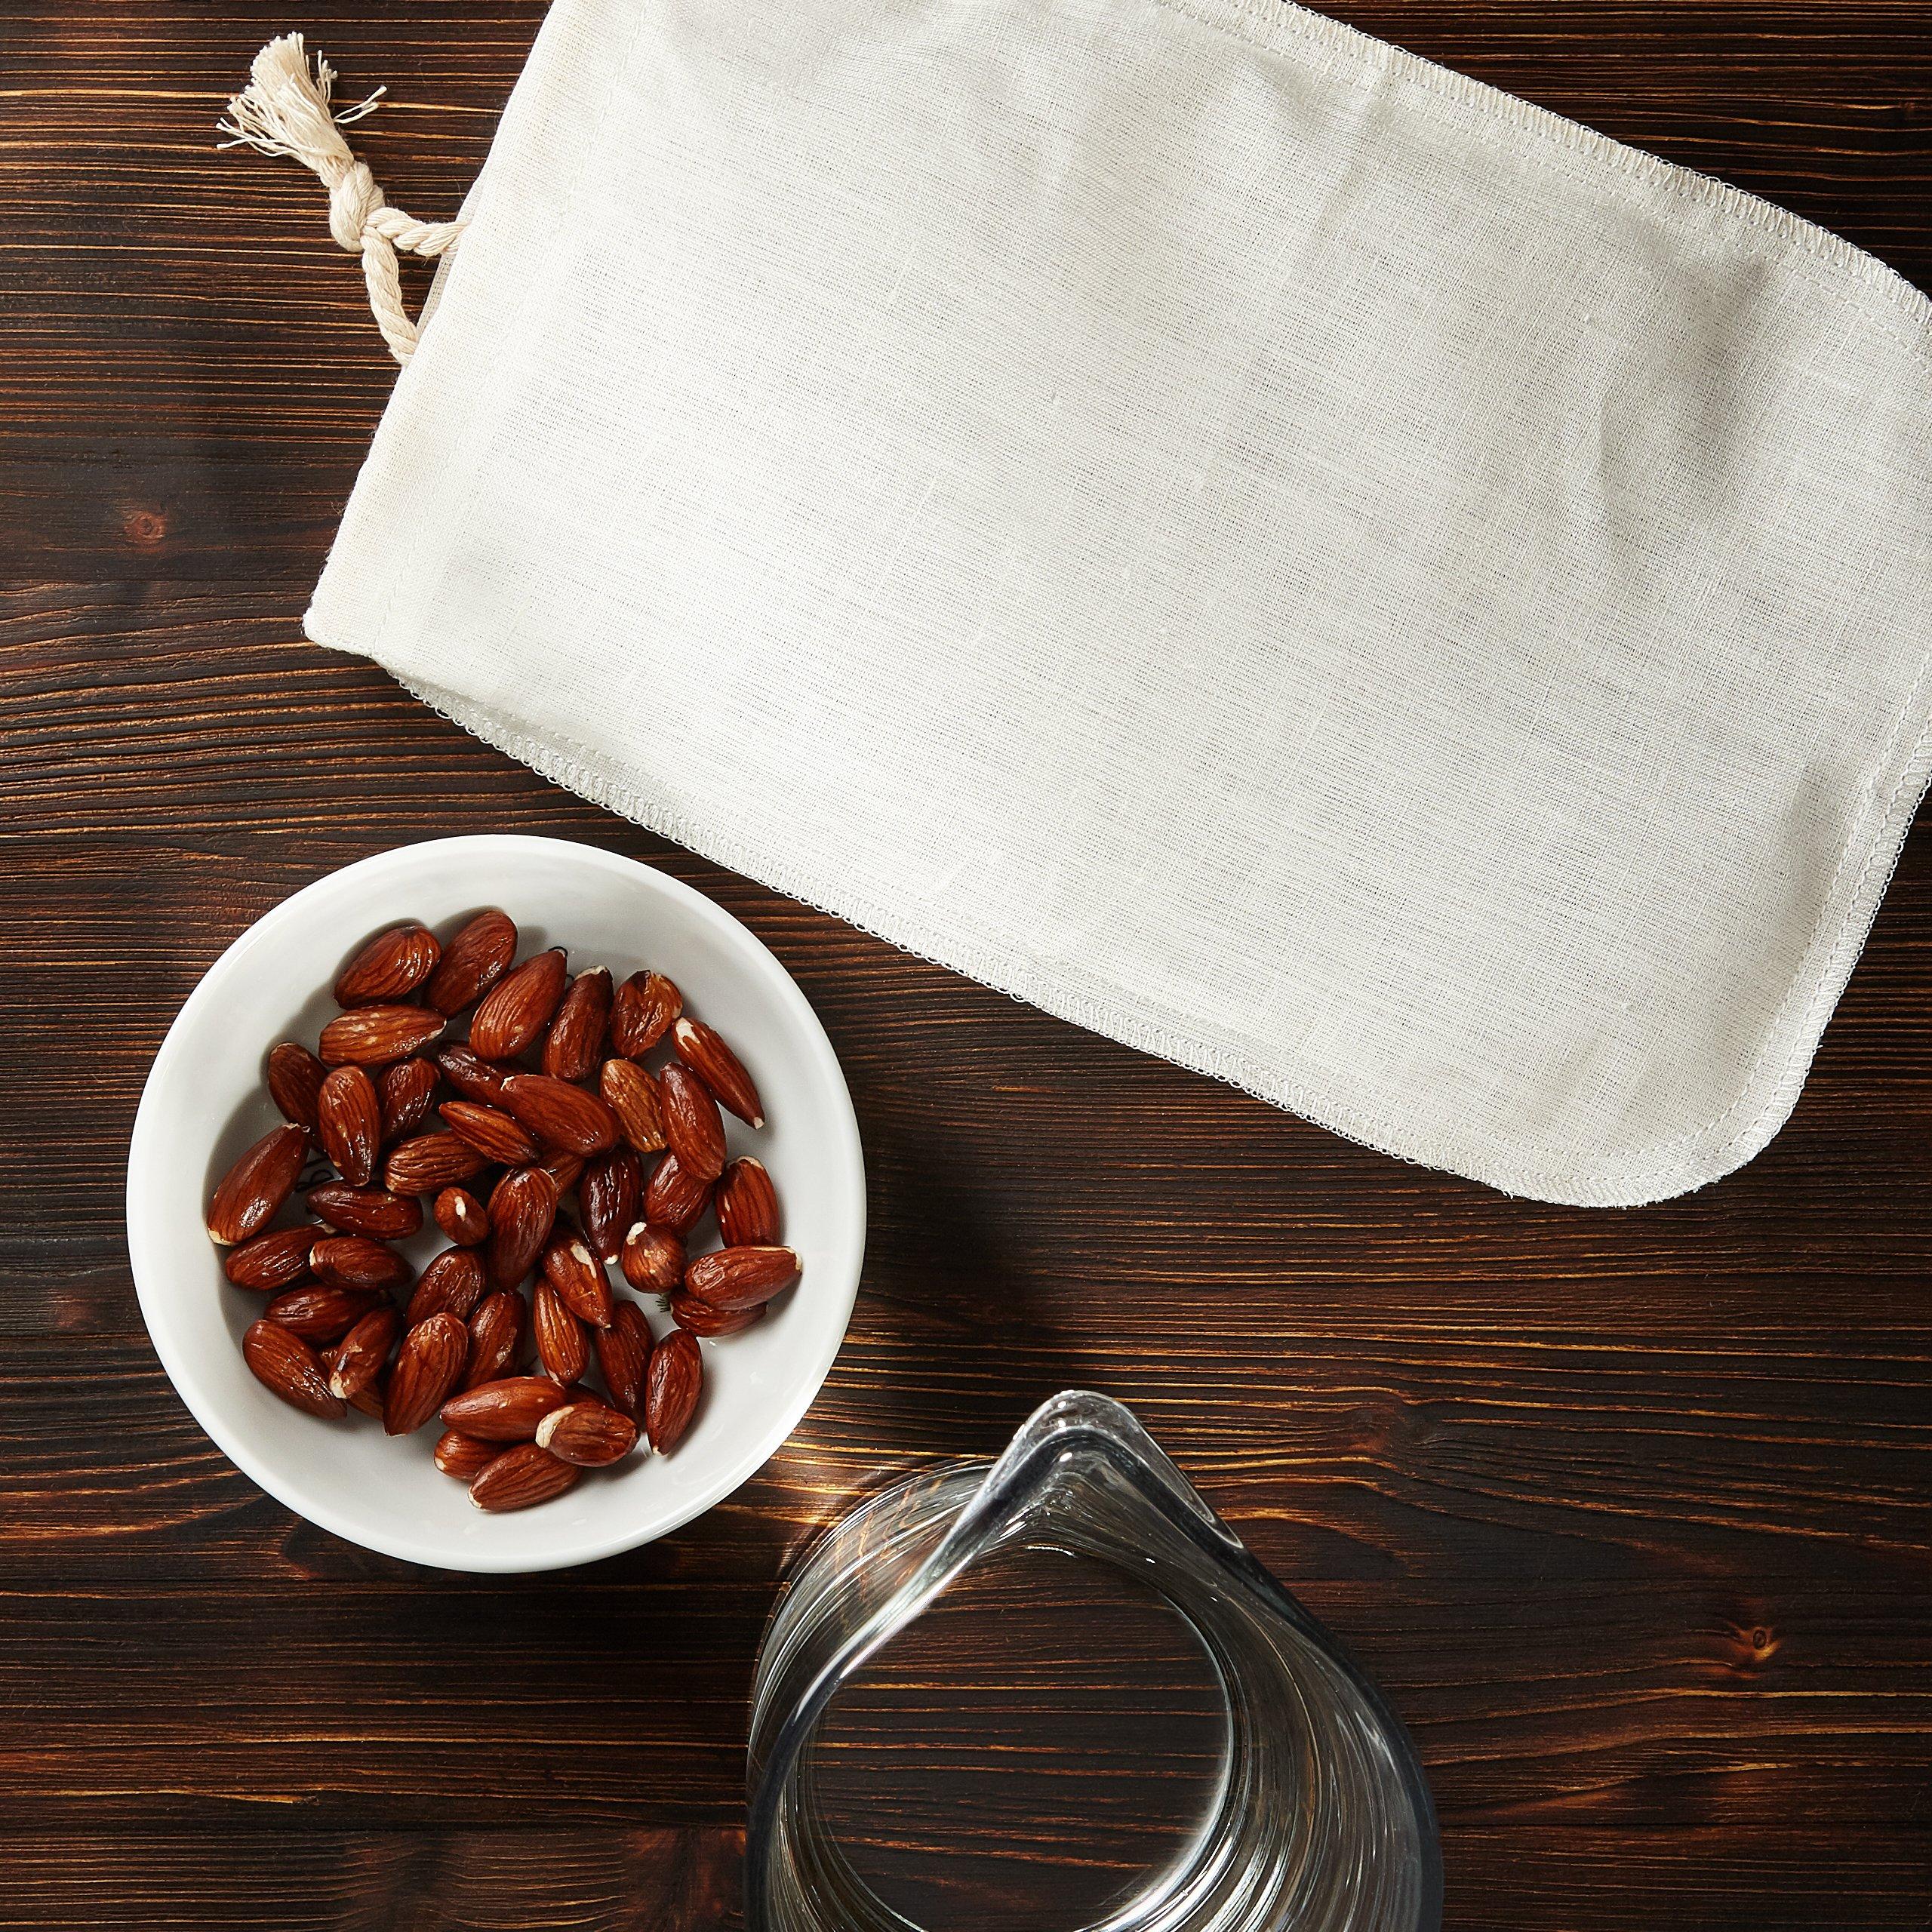 Compra Lumaland Cuisine bolsa filtro de leche vegetal vegana de ...